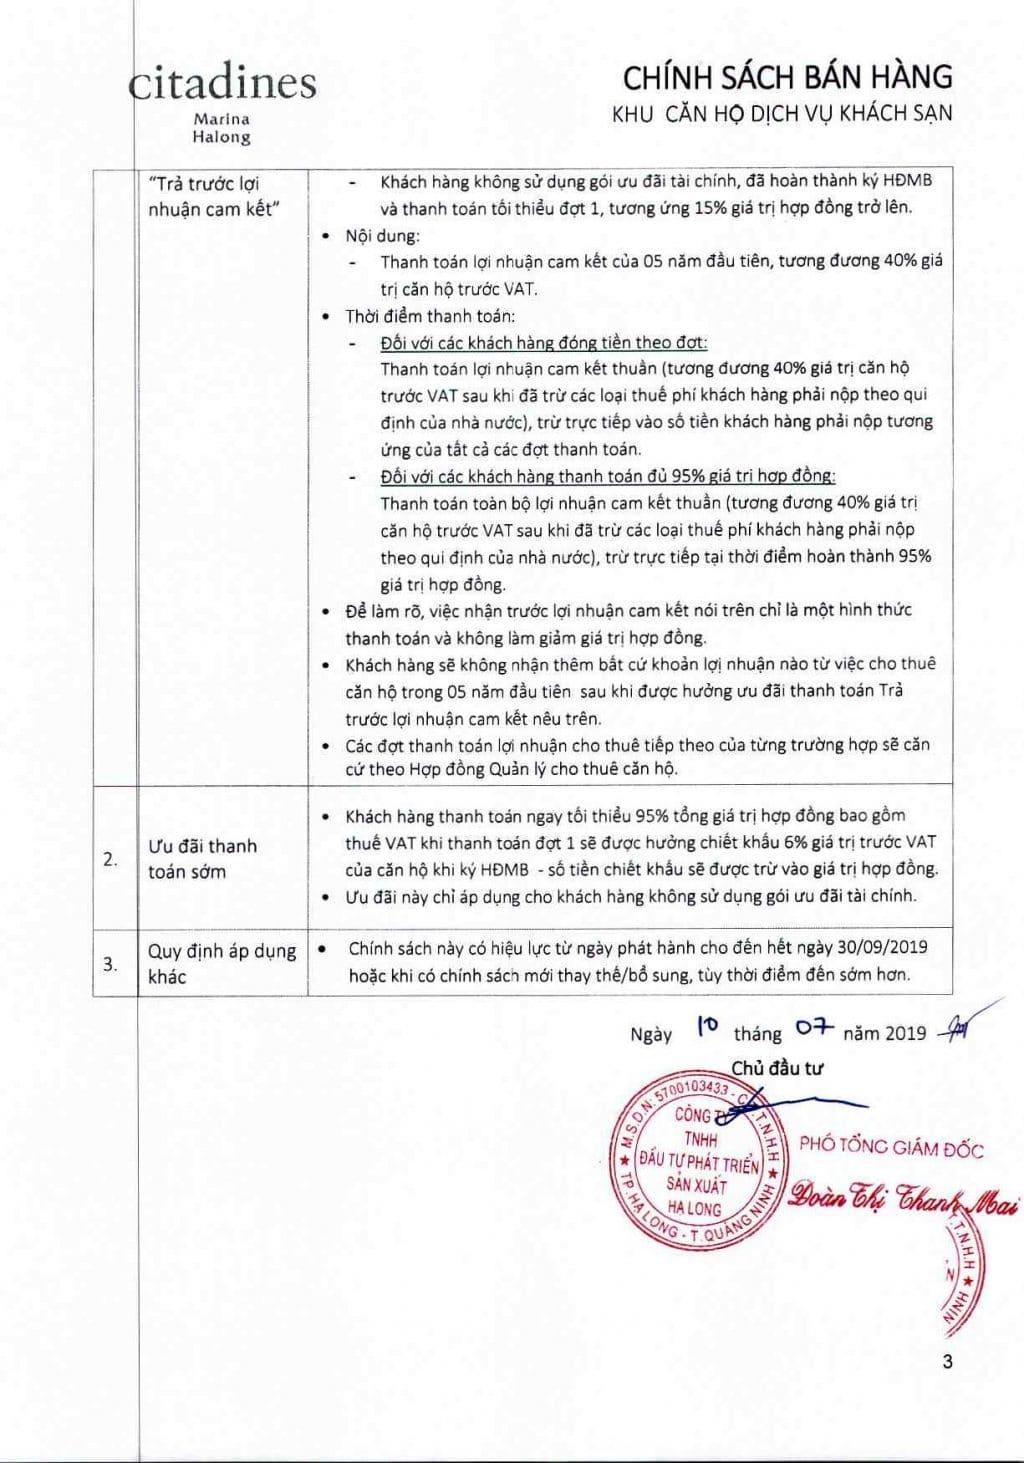 chinh sach ban hang citadines ha long 2